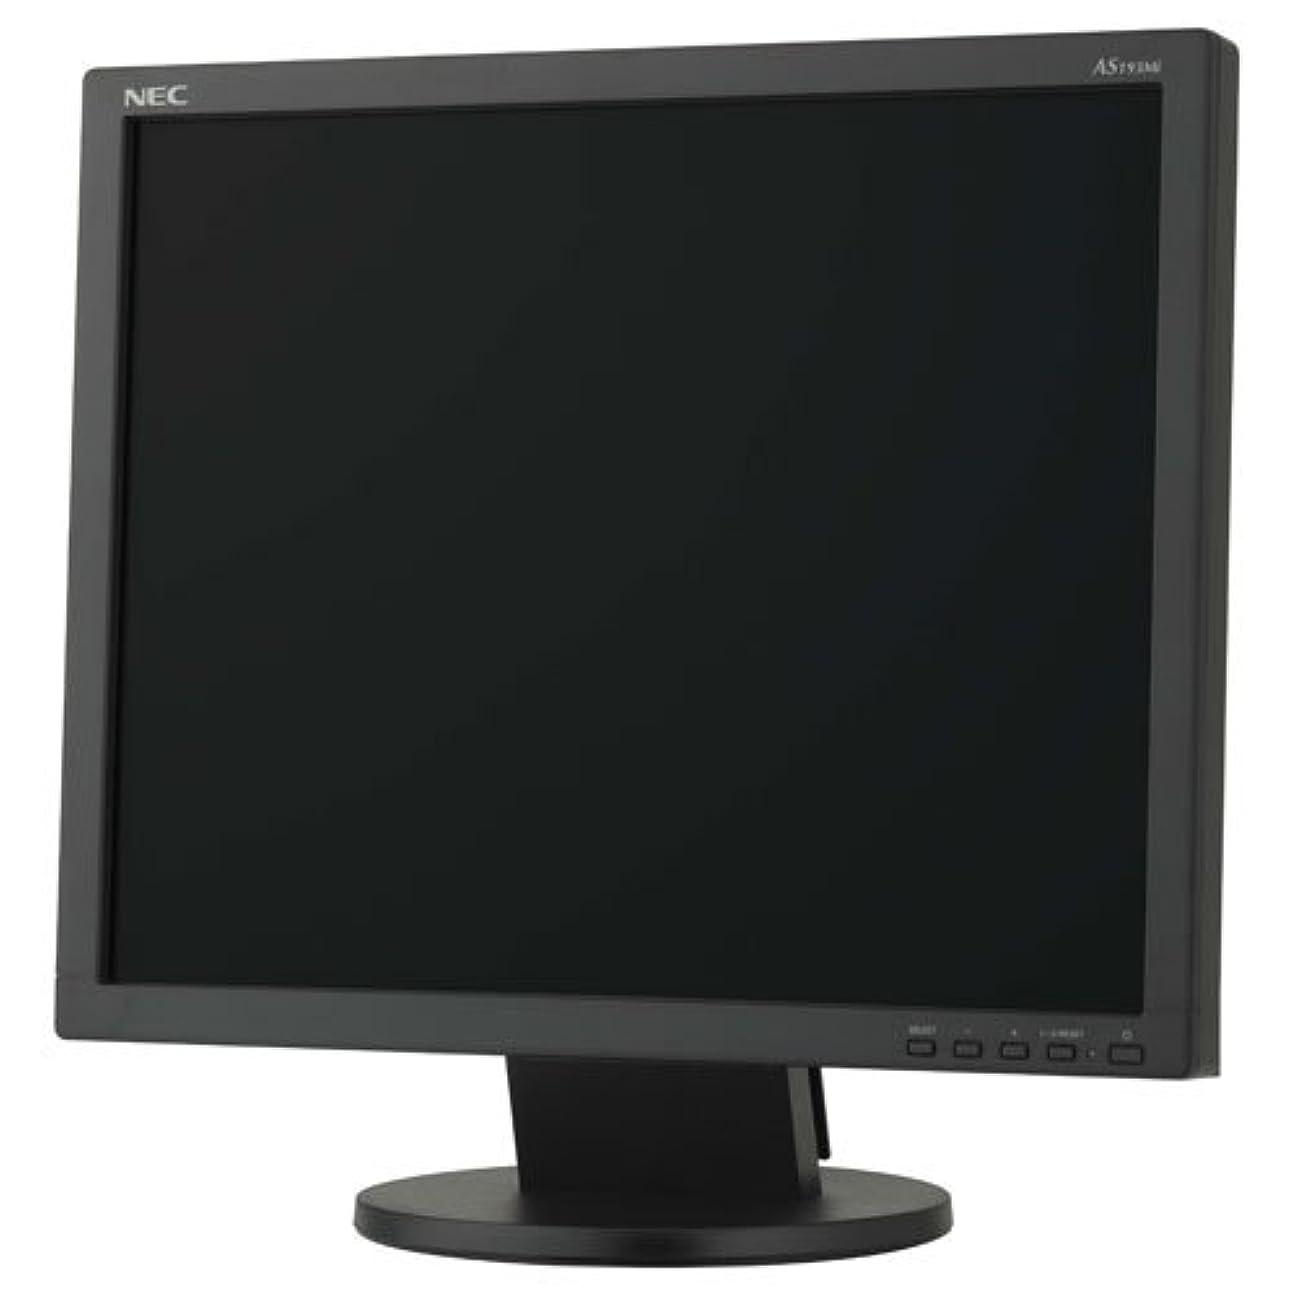 妻記録優れましたNEC 19型液晶ディスプレイ(黒) LCD-AS193MI-B5